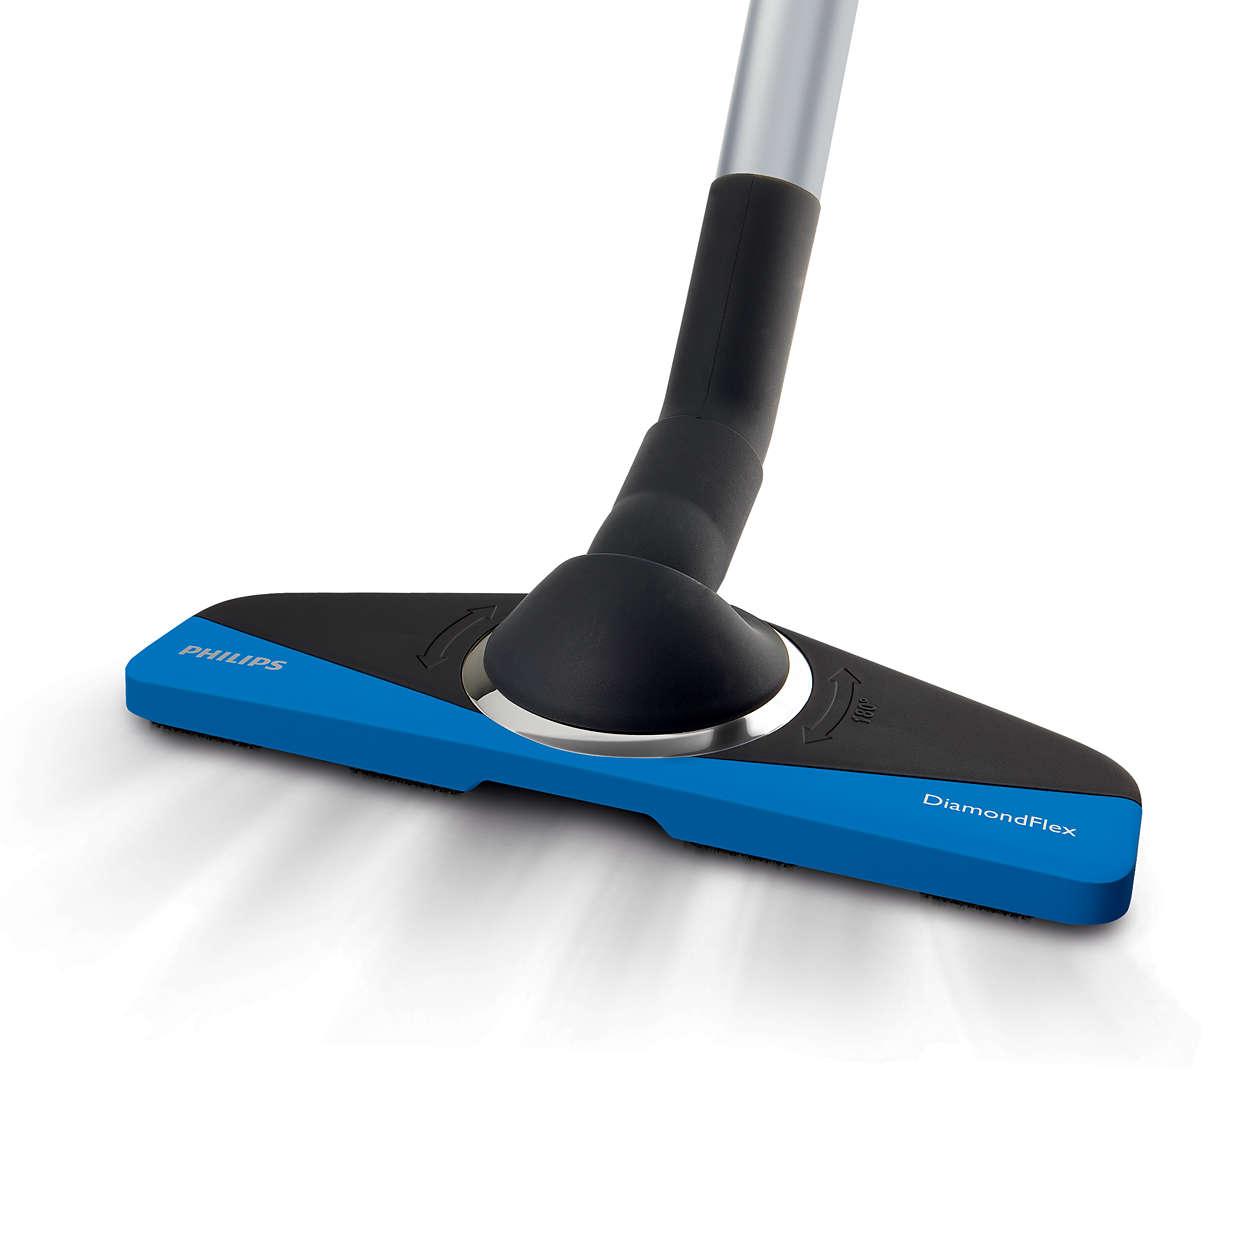 Fleksibel rengjøring på steder som er vanskelige å nå